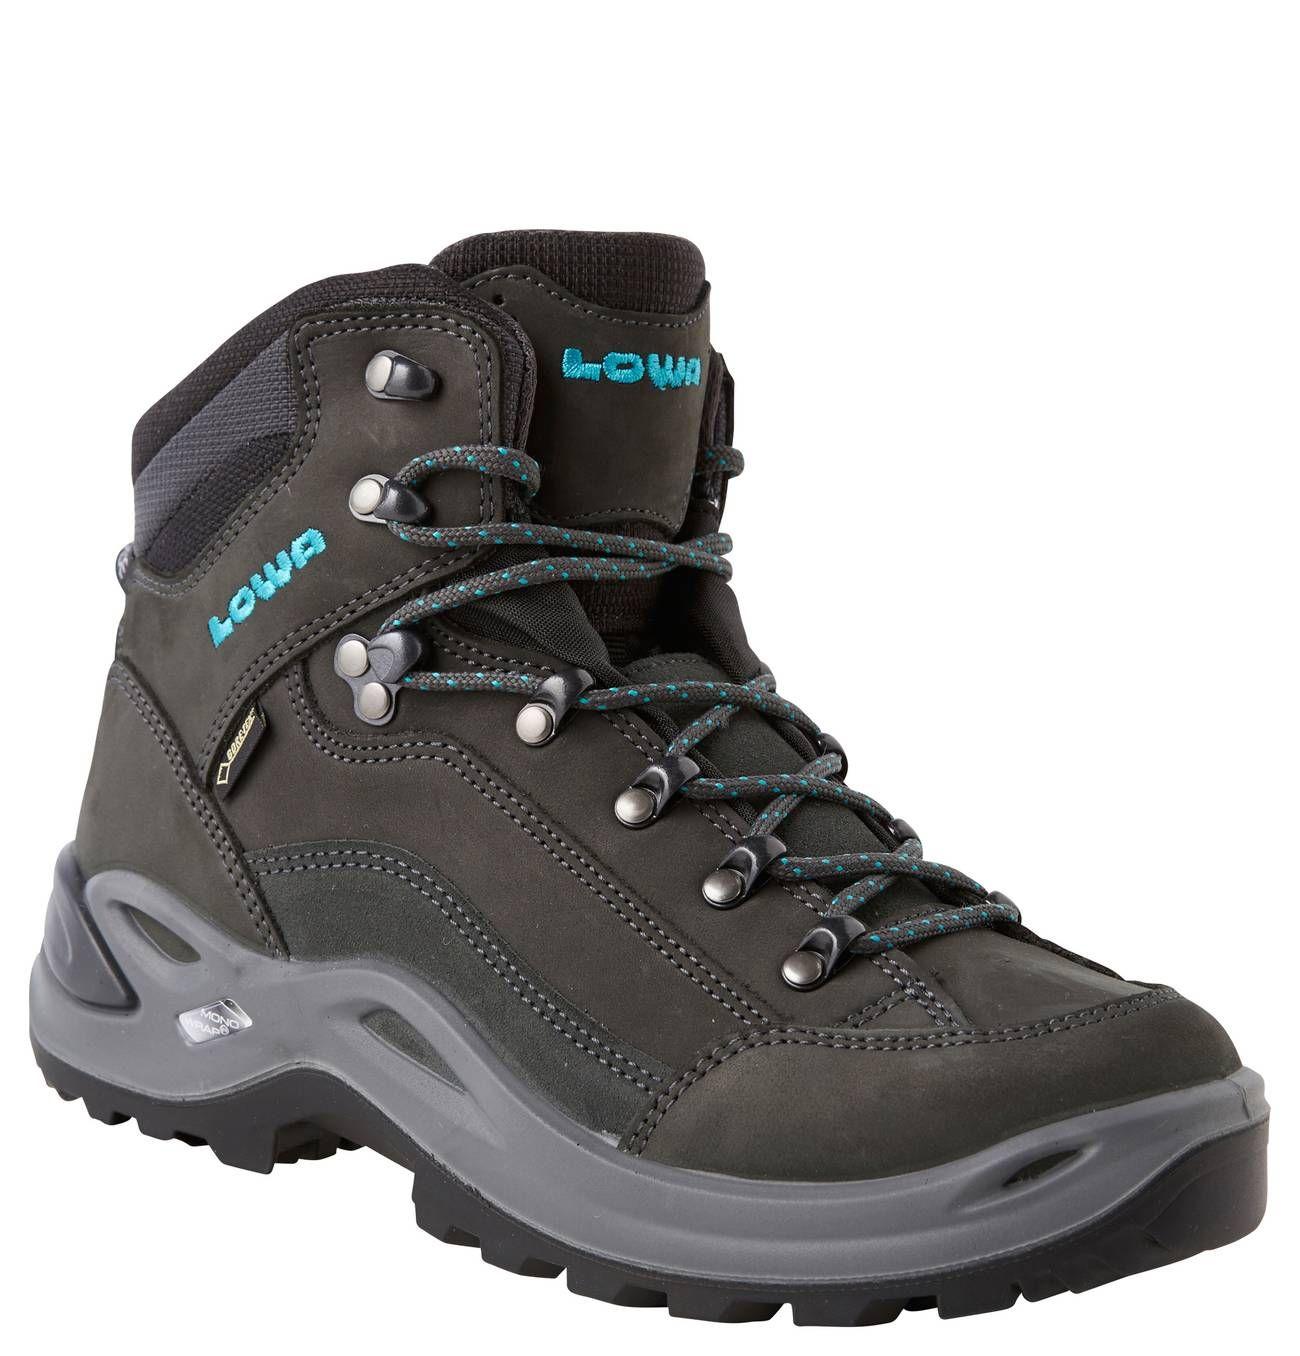 exklusive Schuhe das beste geeignet für Männer/Frauen Wanderschuhe